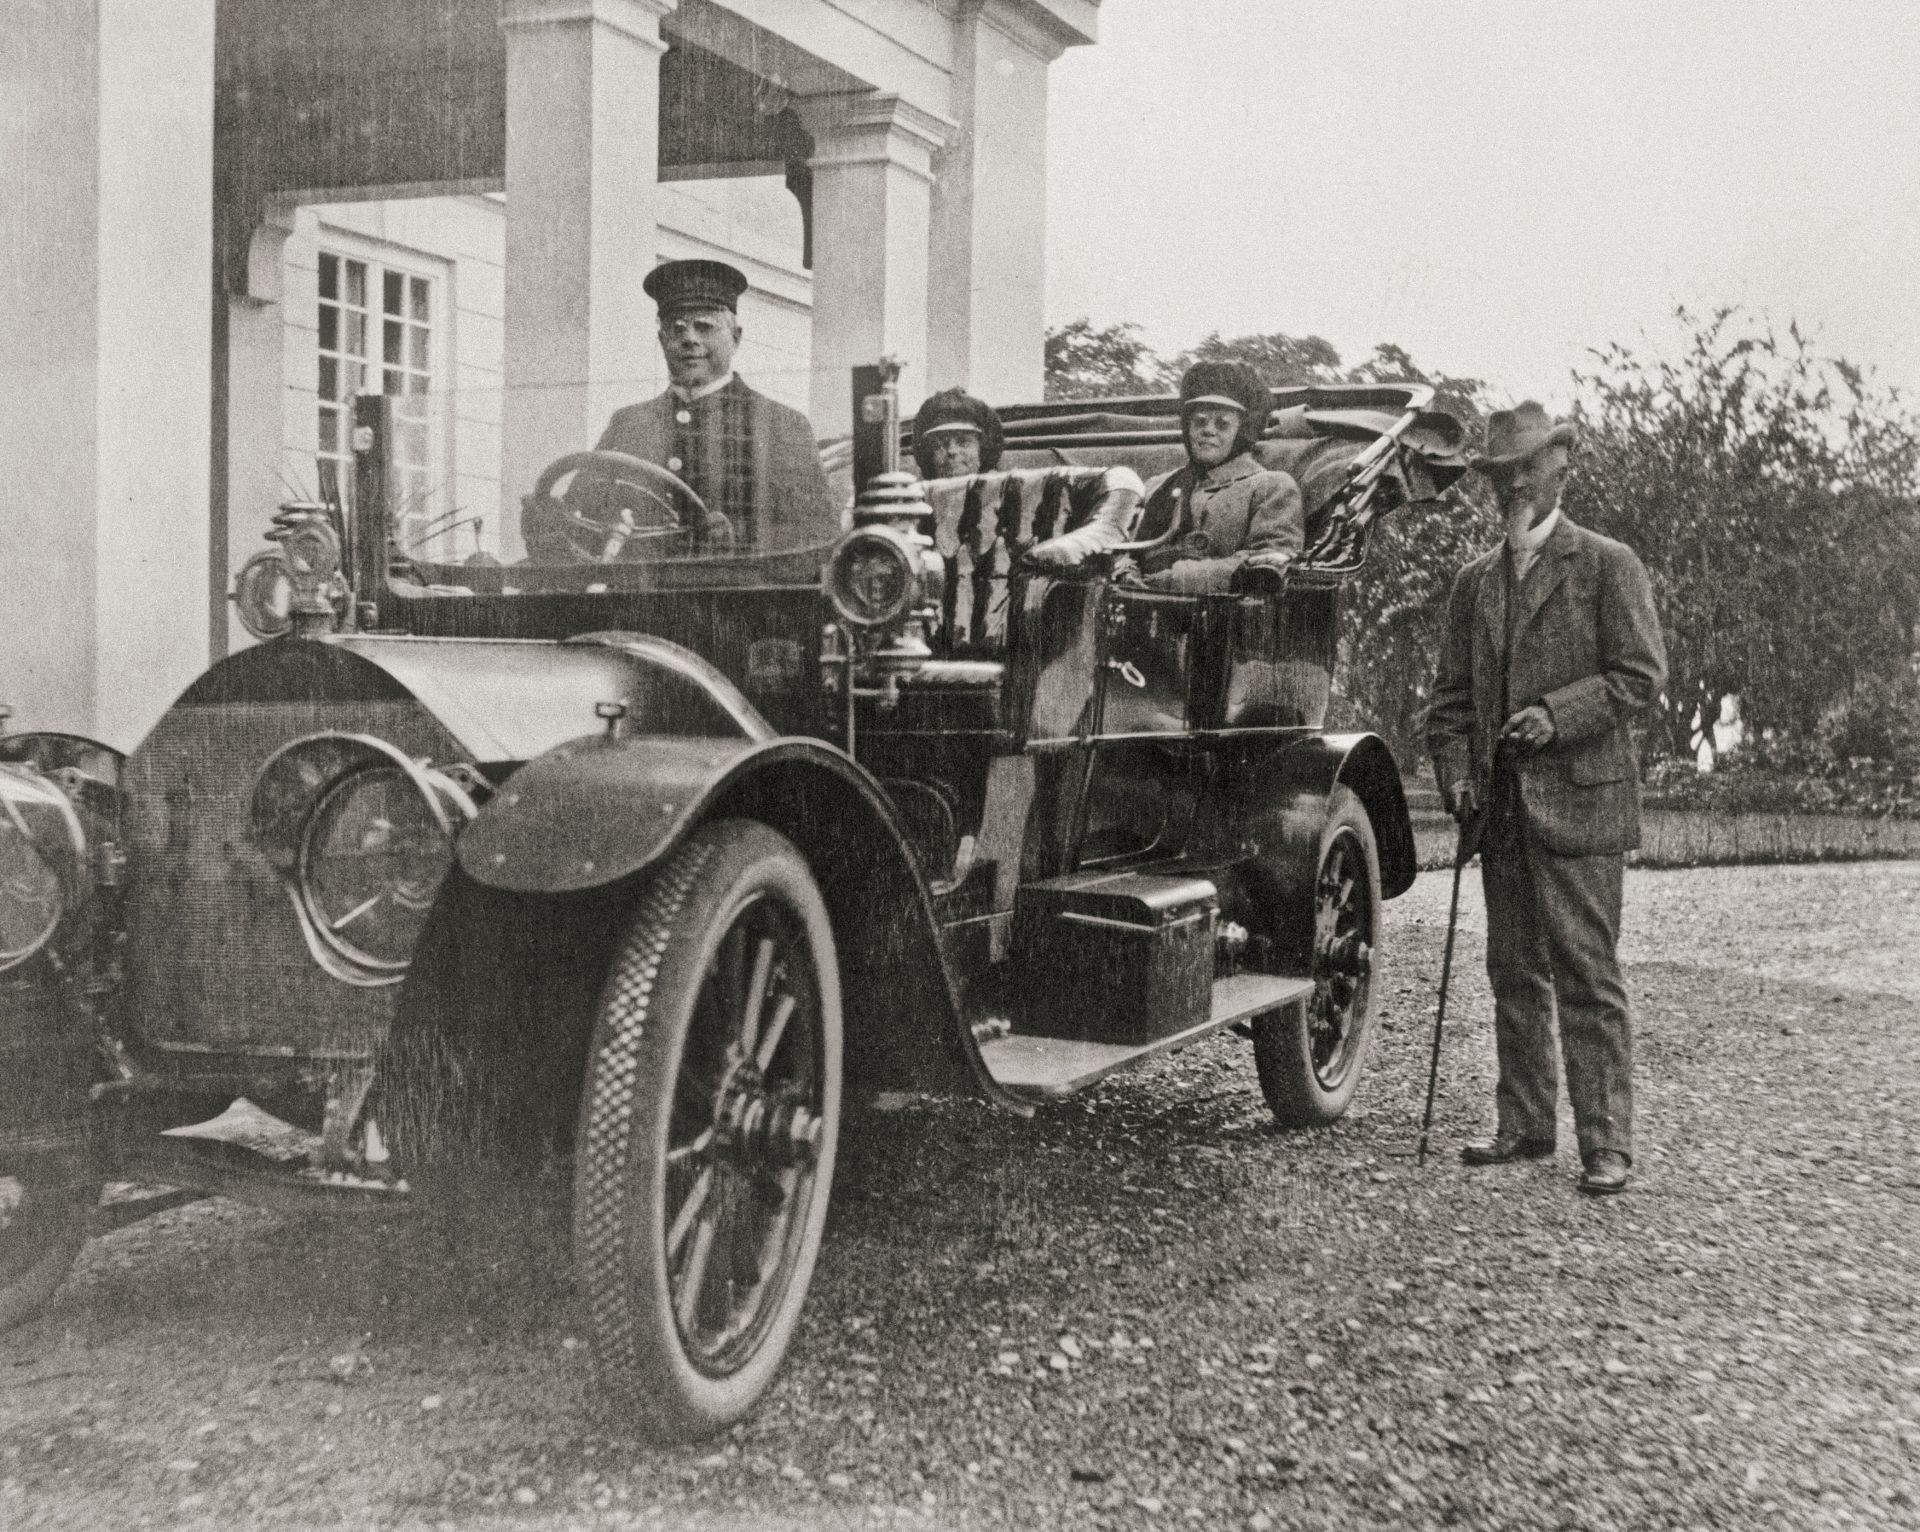 Ett gammalt foto på ett sällskap som ska ut och åka bil. I förarsätet sitter en chaufför och greve von Hallwyls står bredvid.